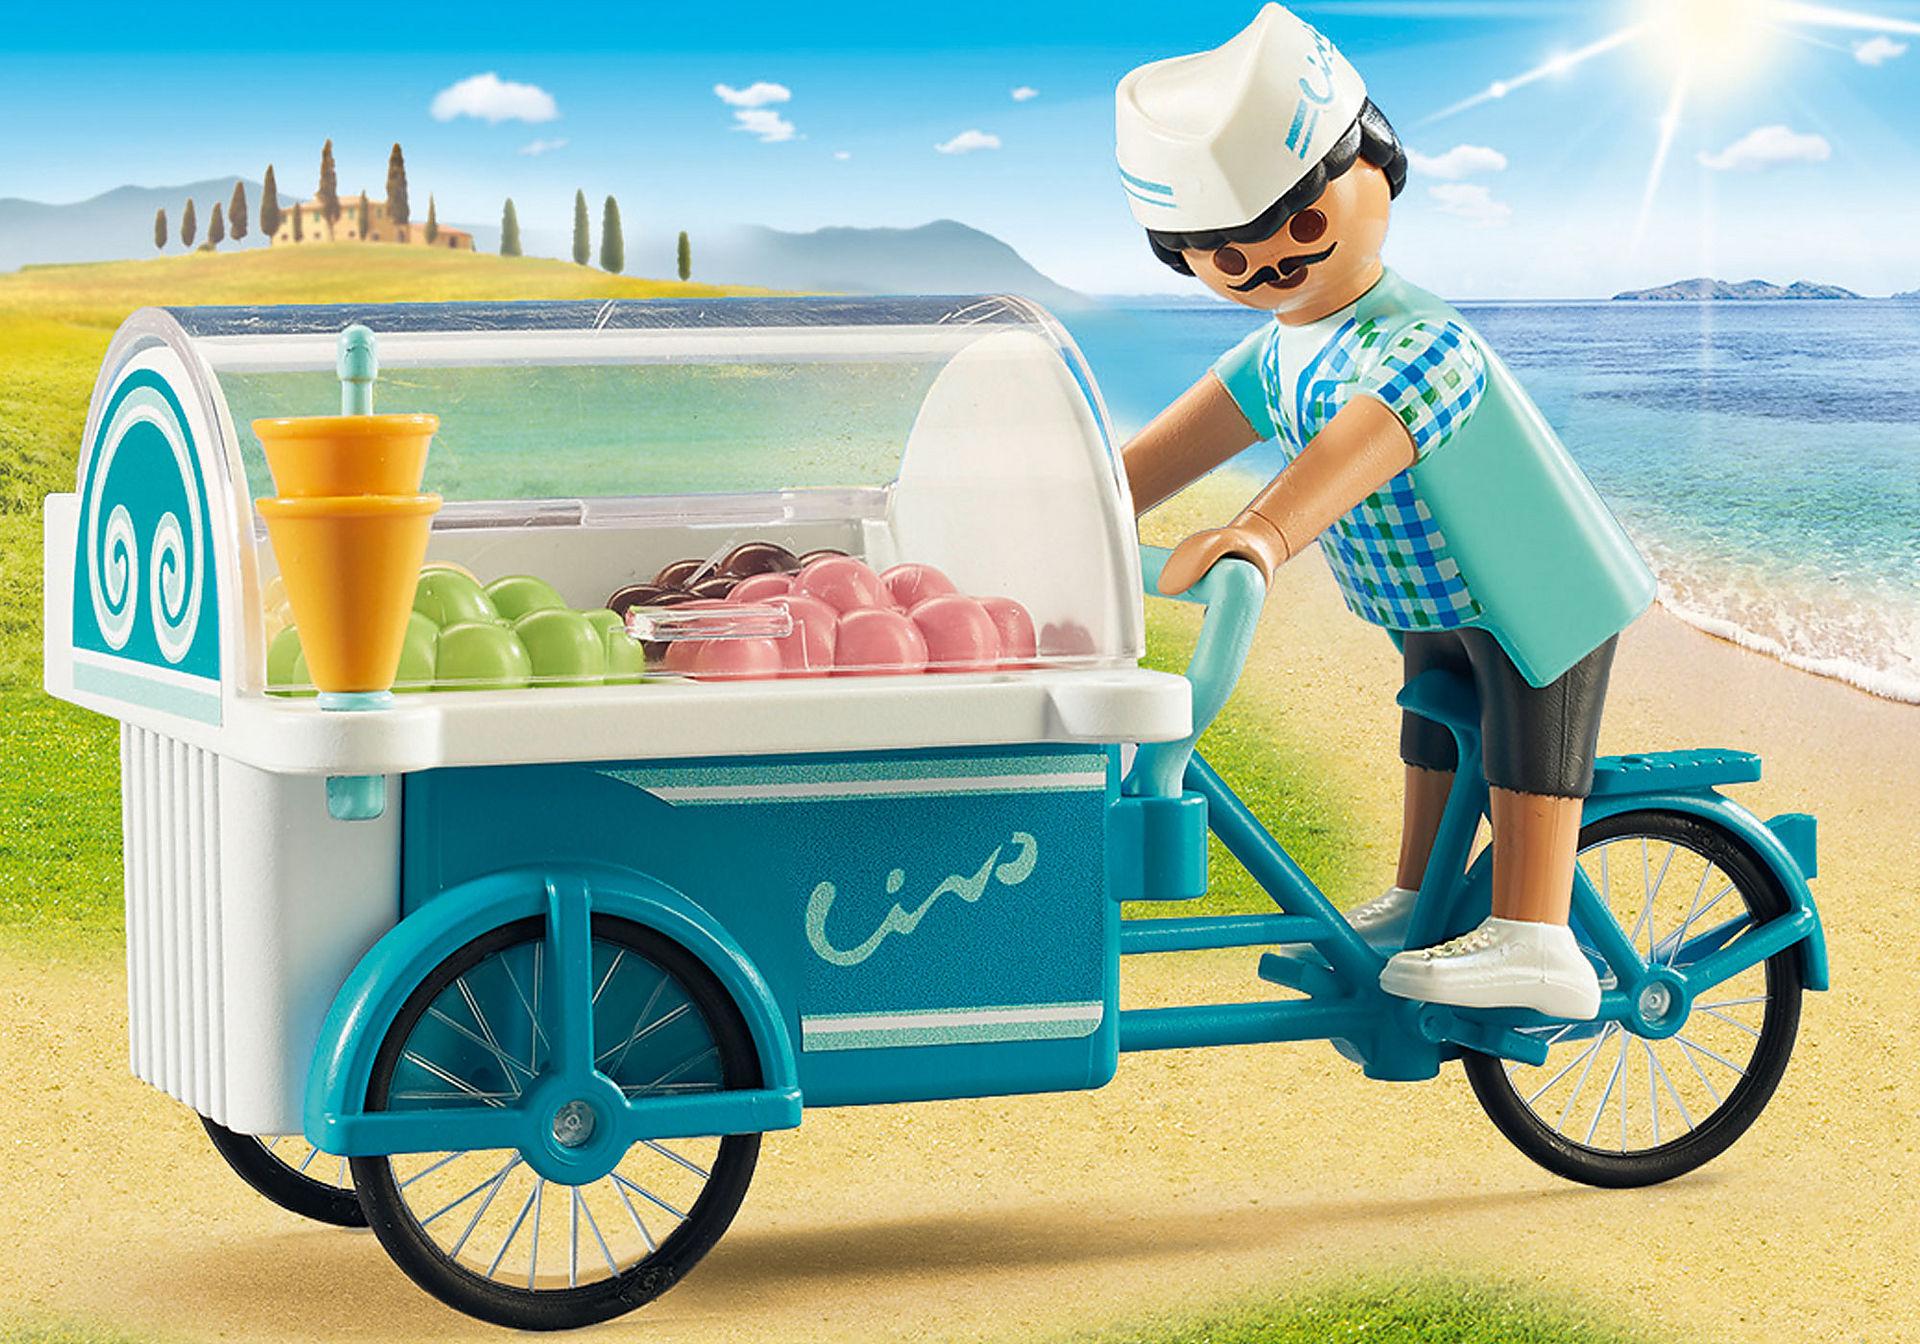 9426 Παγωτατζής με ποδήλατο ψυγείο zoom image5